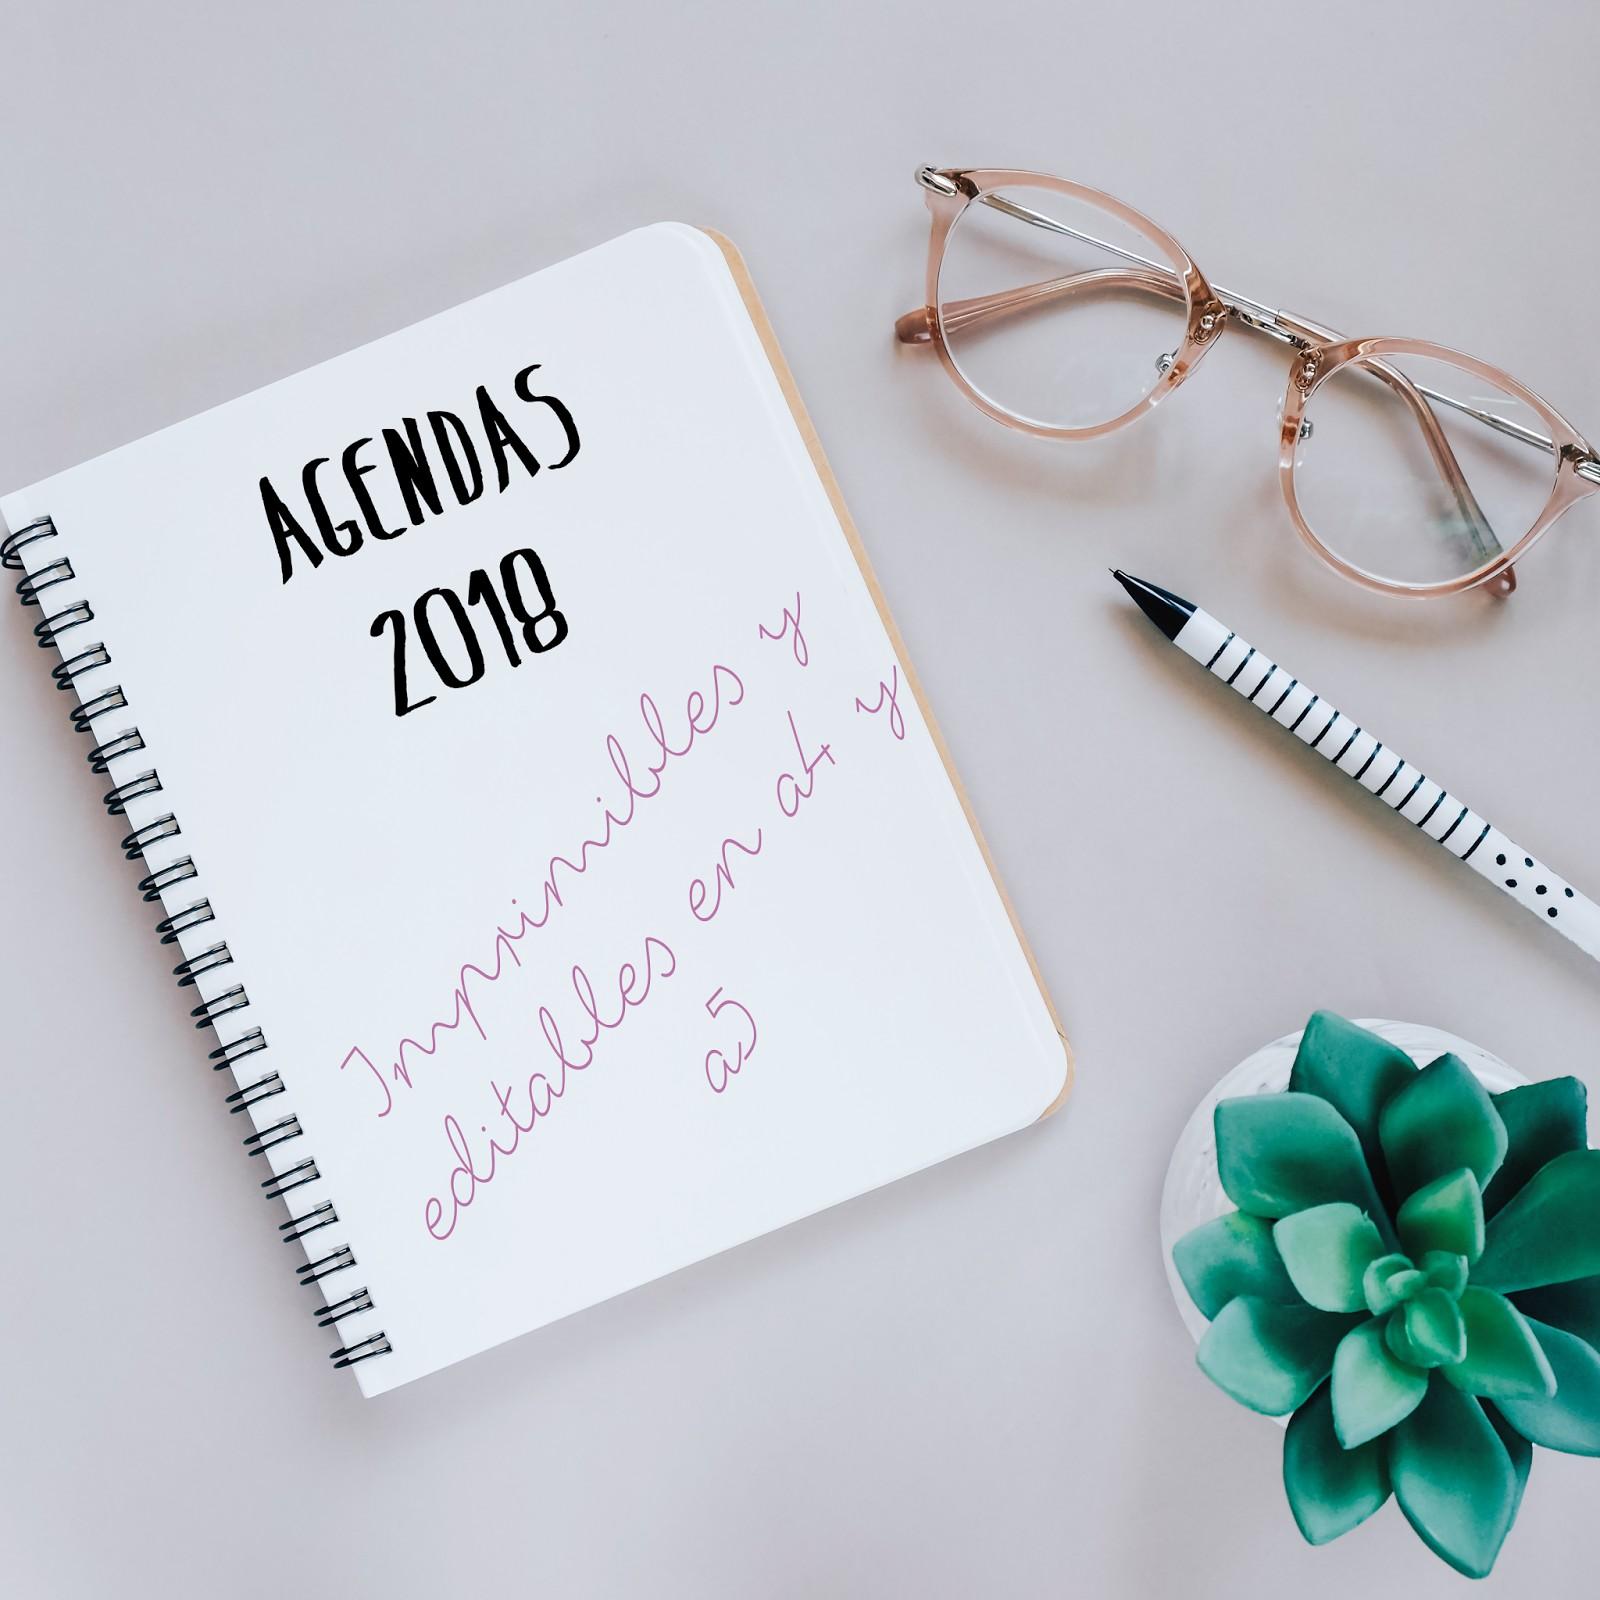 Agenda 2018 en a5 y a4 imprimible y editable my life Agendas 2017 originales